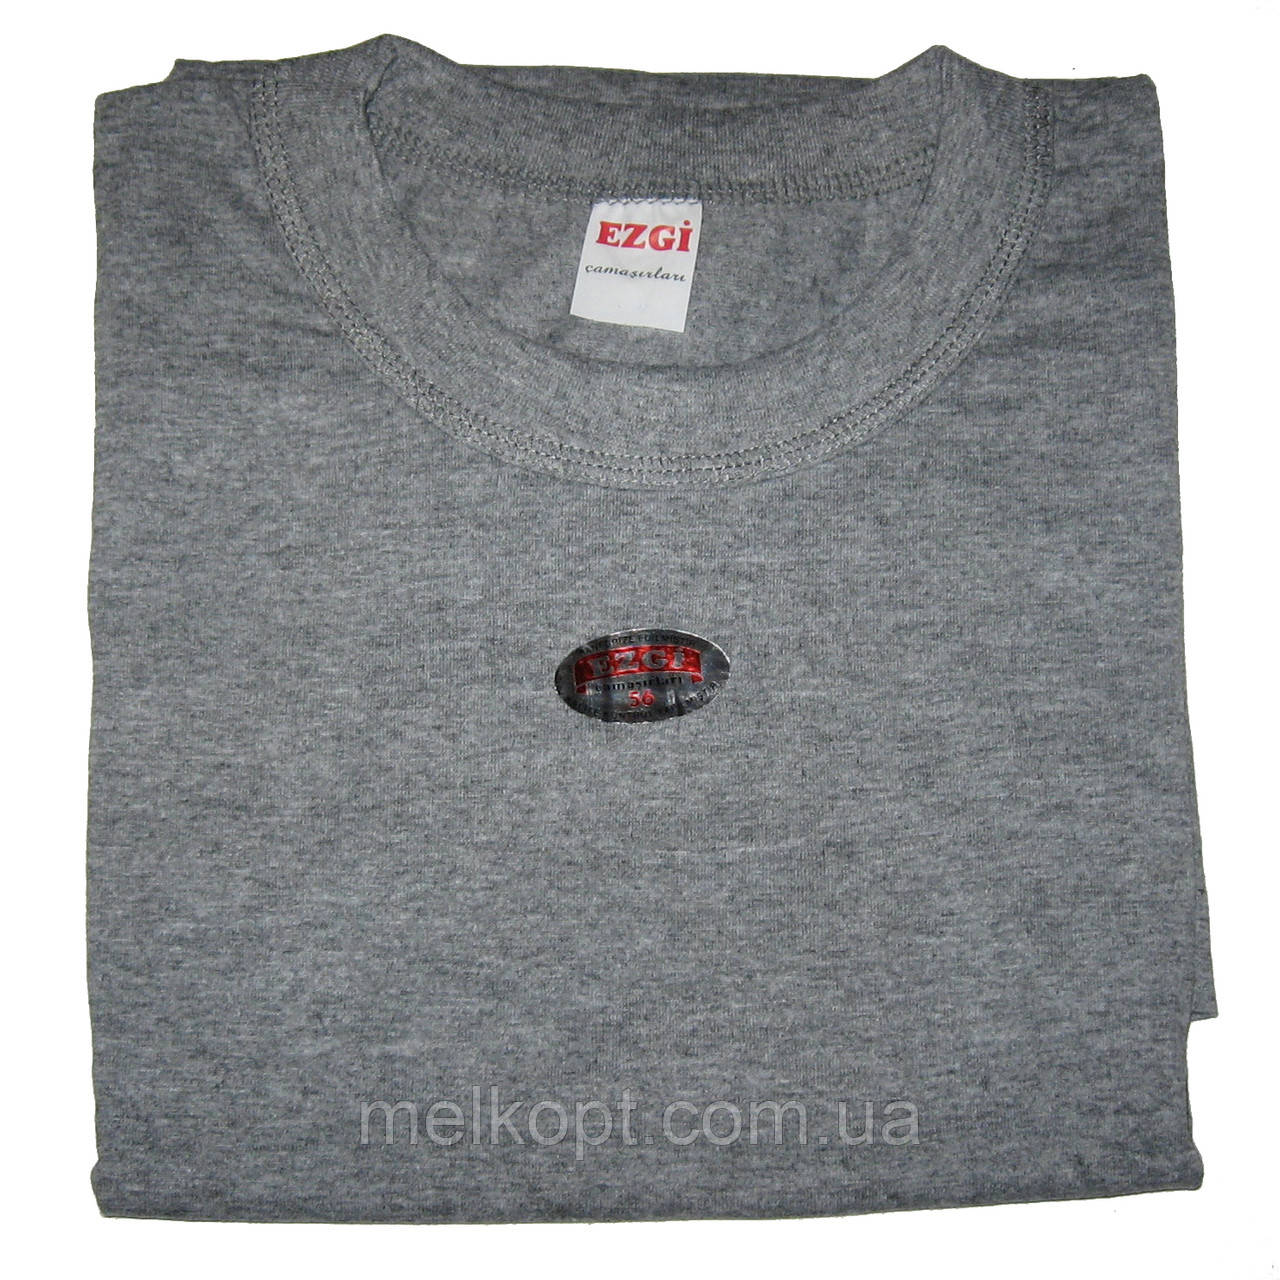 Чоловічі футболки Ezgi - 59,00 грн./шт. (60-й розмір, сірі)